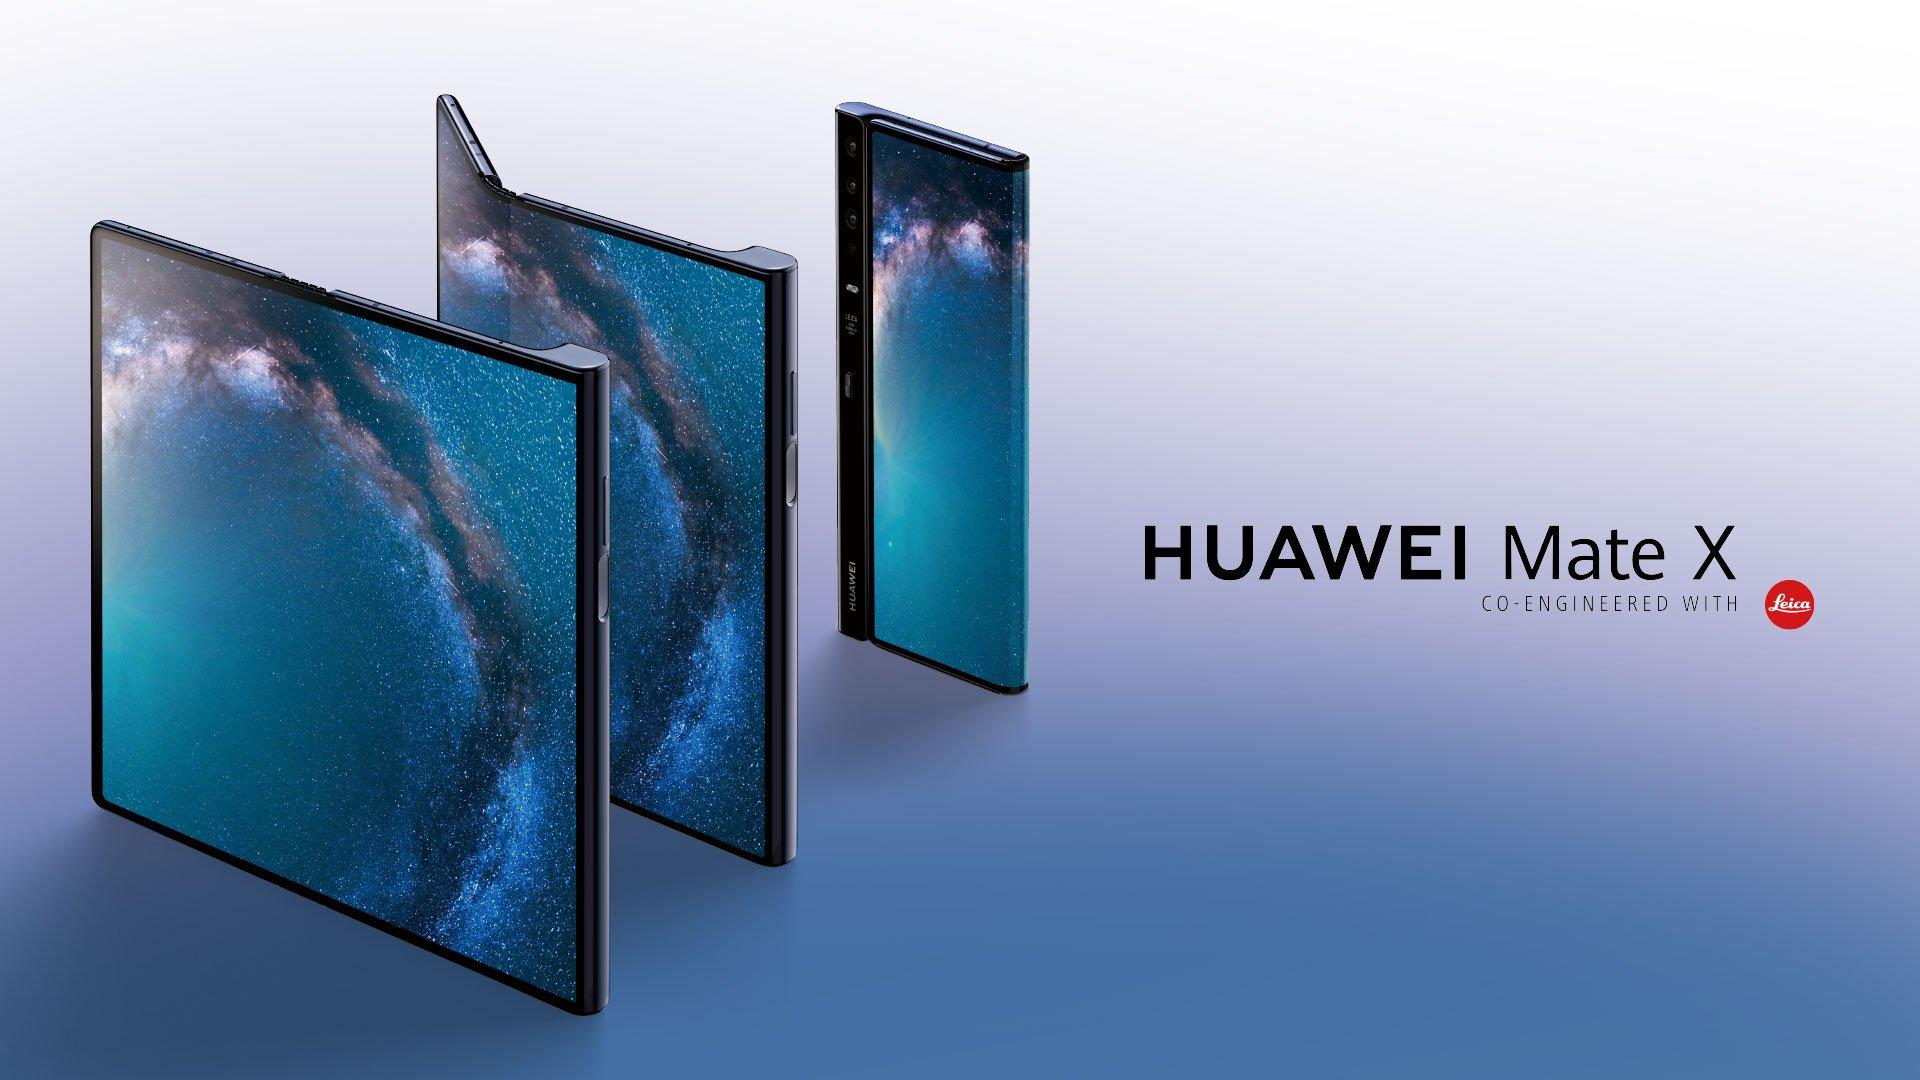 [MWC 2019] Huawei Mate X ra mắt: màn hình gập 8-inch, sạc nhanh hơn iPhone XS Max 600%, giá 60 triệu